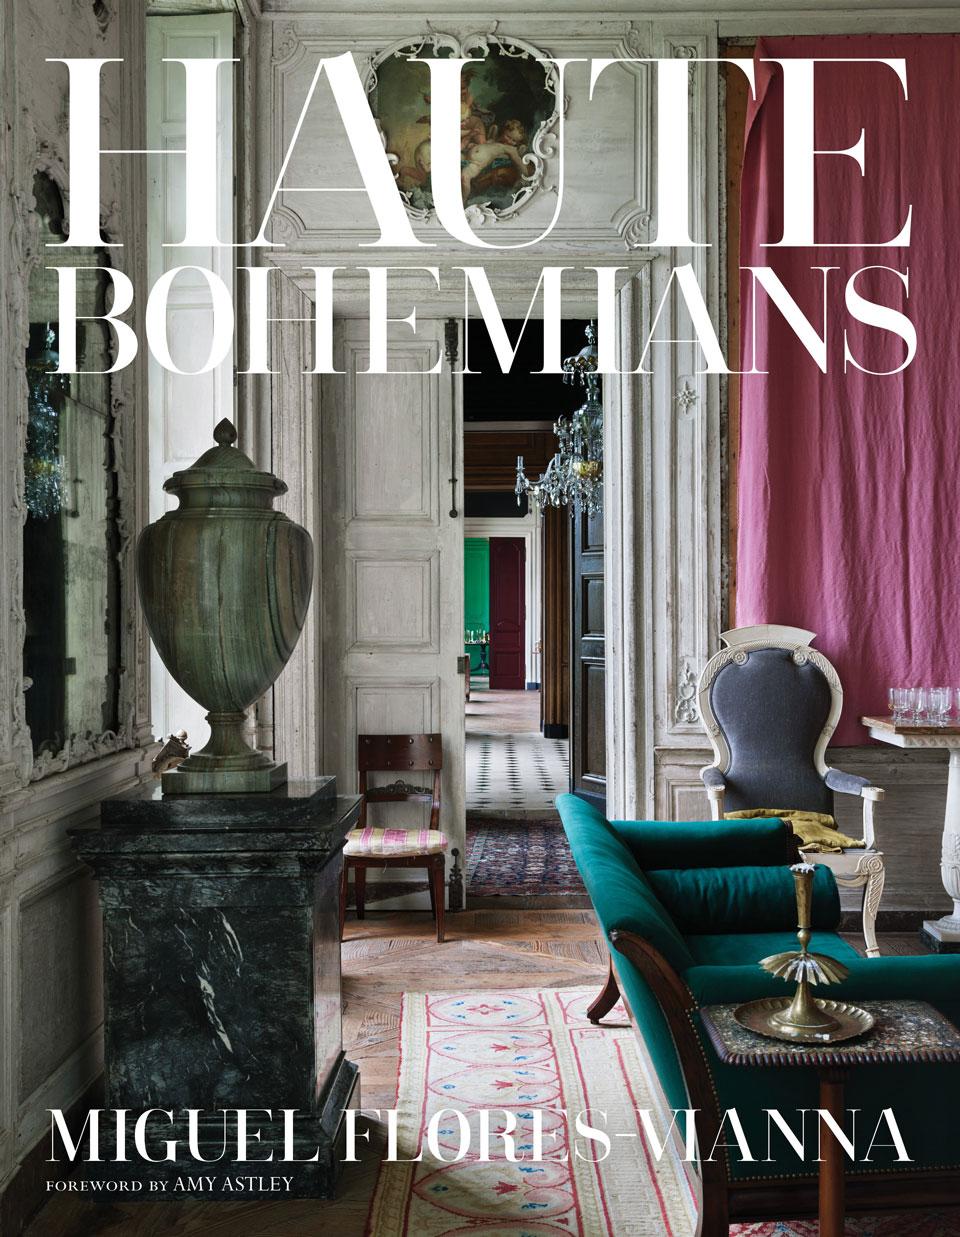 Books | Haute Bohemians by Miguel Flores-Vianna (Vendome)